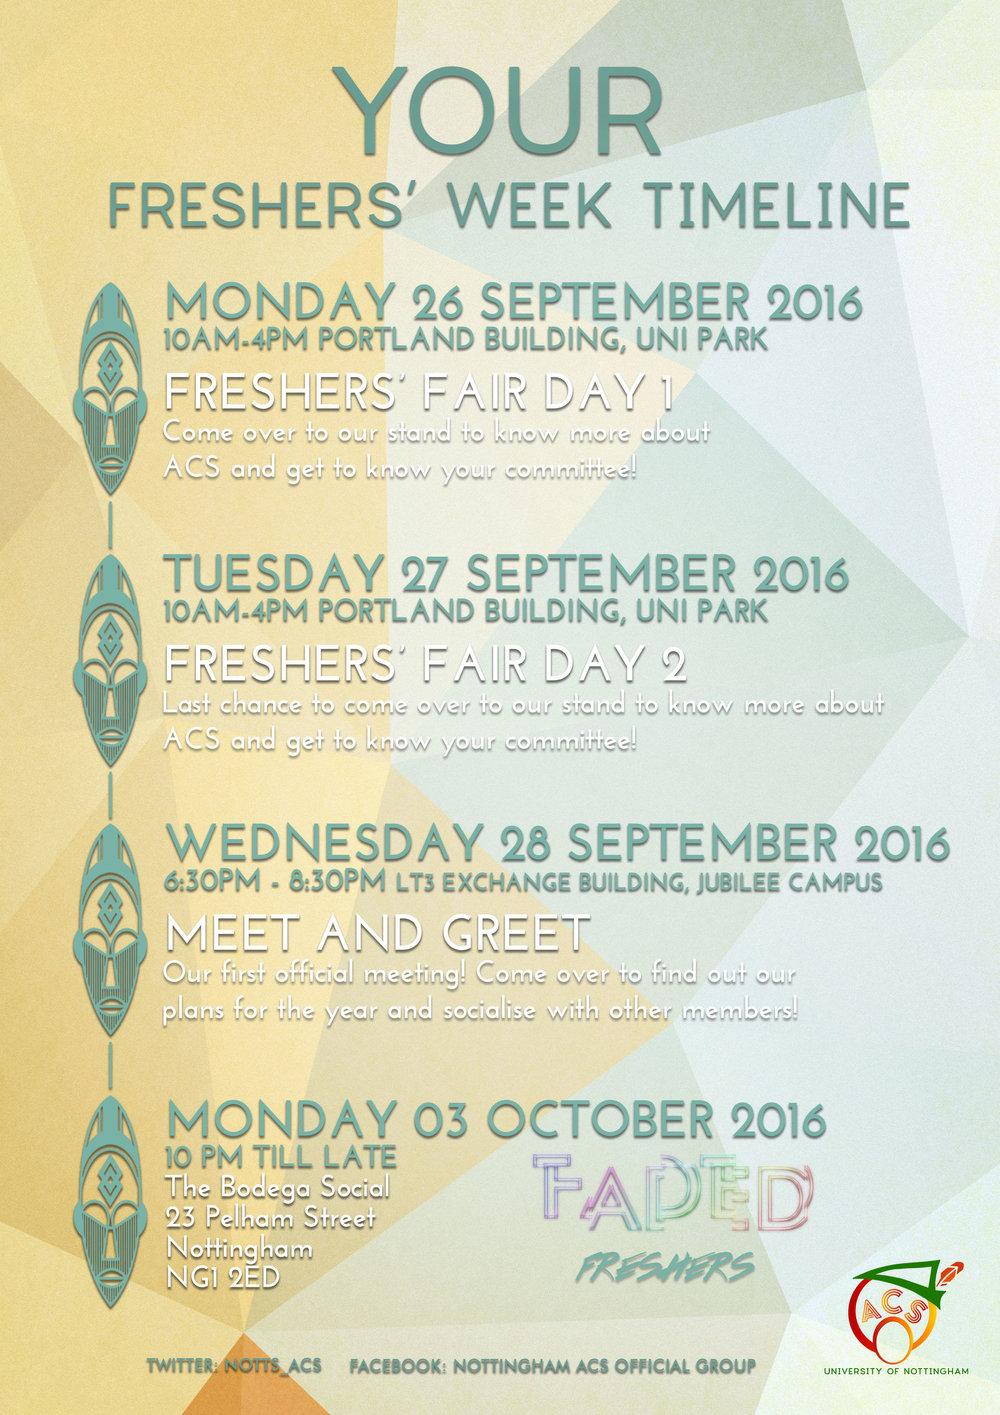 Nottingham ACS Freshers Timeline.jpg